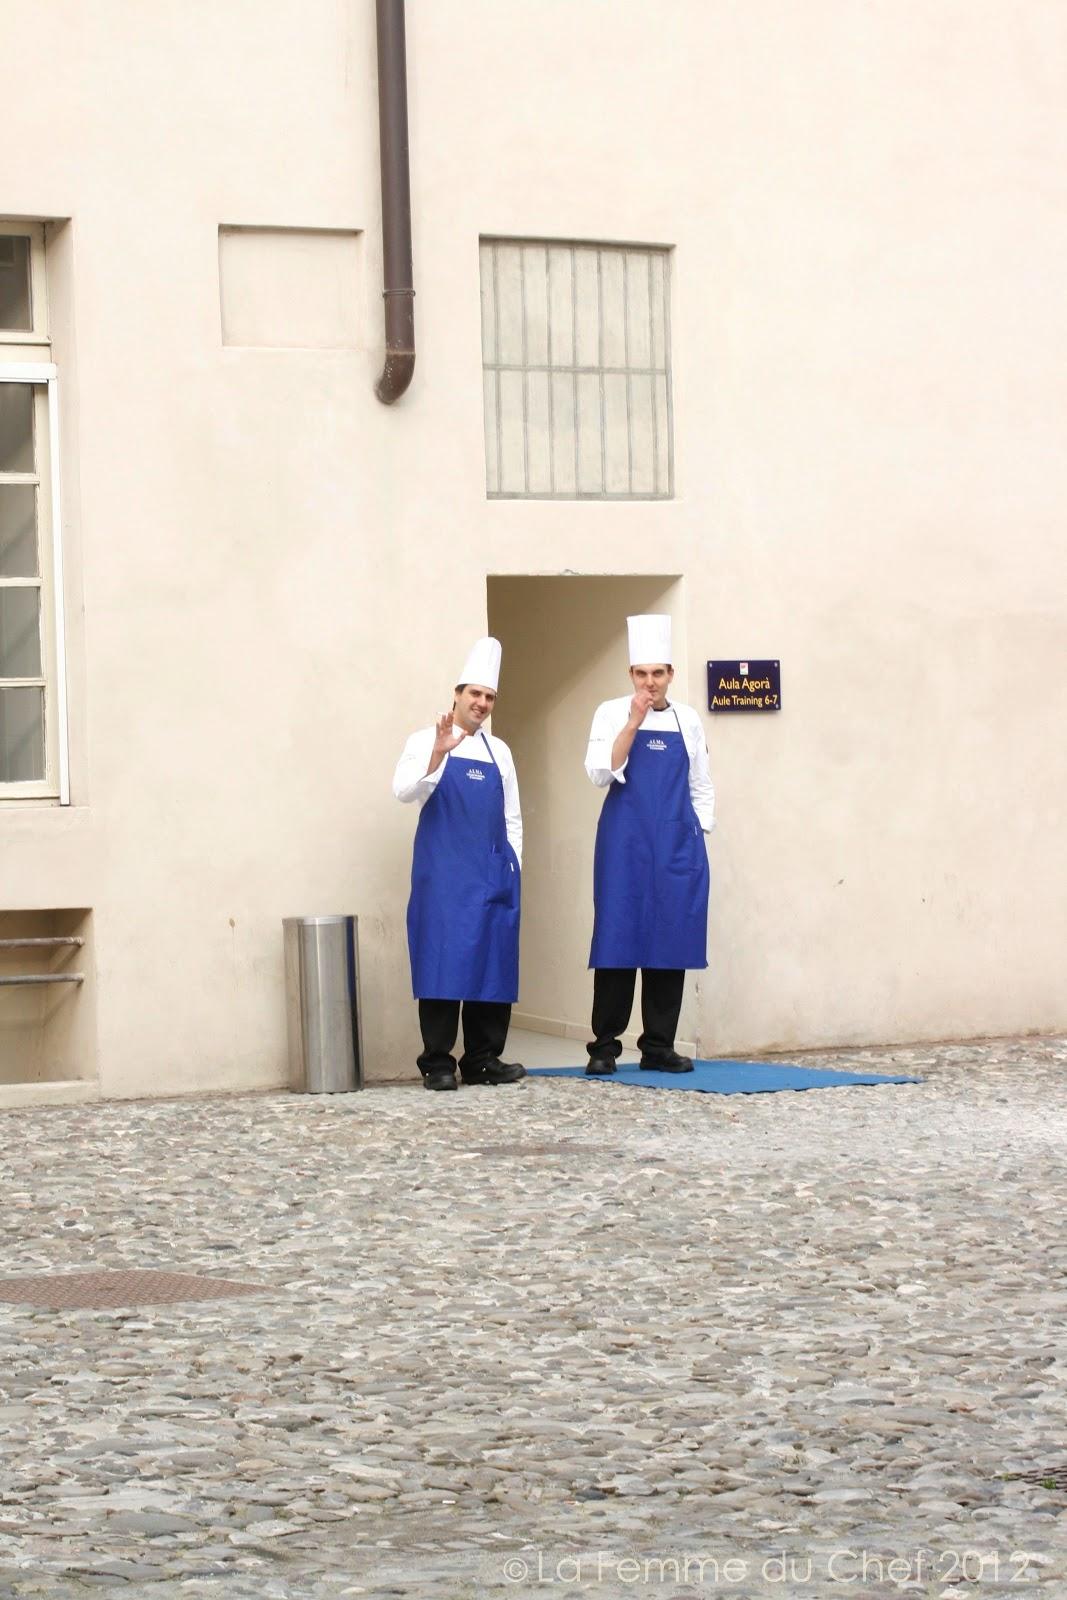 la femme du chef: parma: un po' francese, molto gourmande - Alma Scuola Di Cucina Prezzi